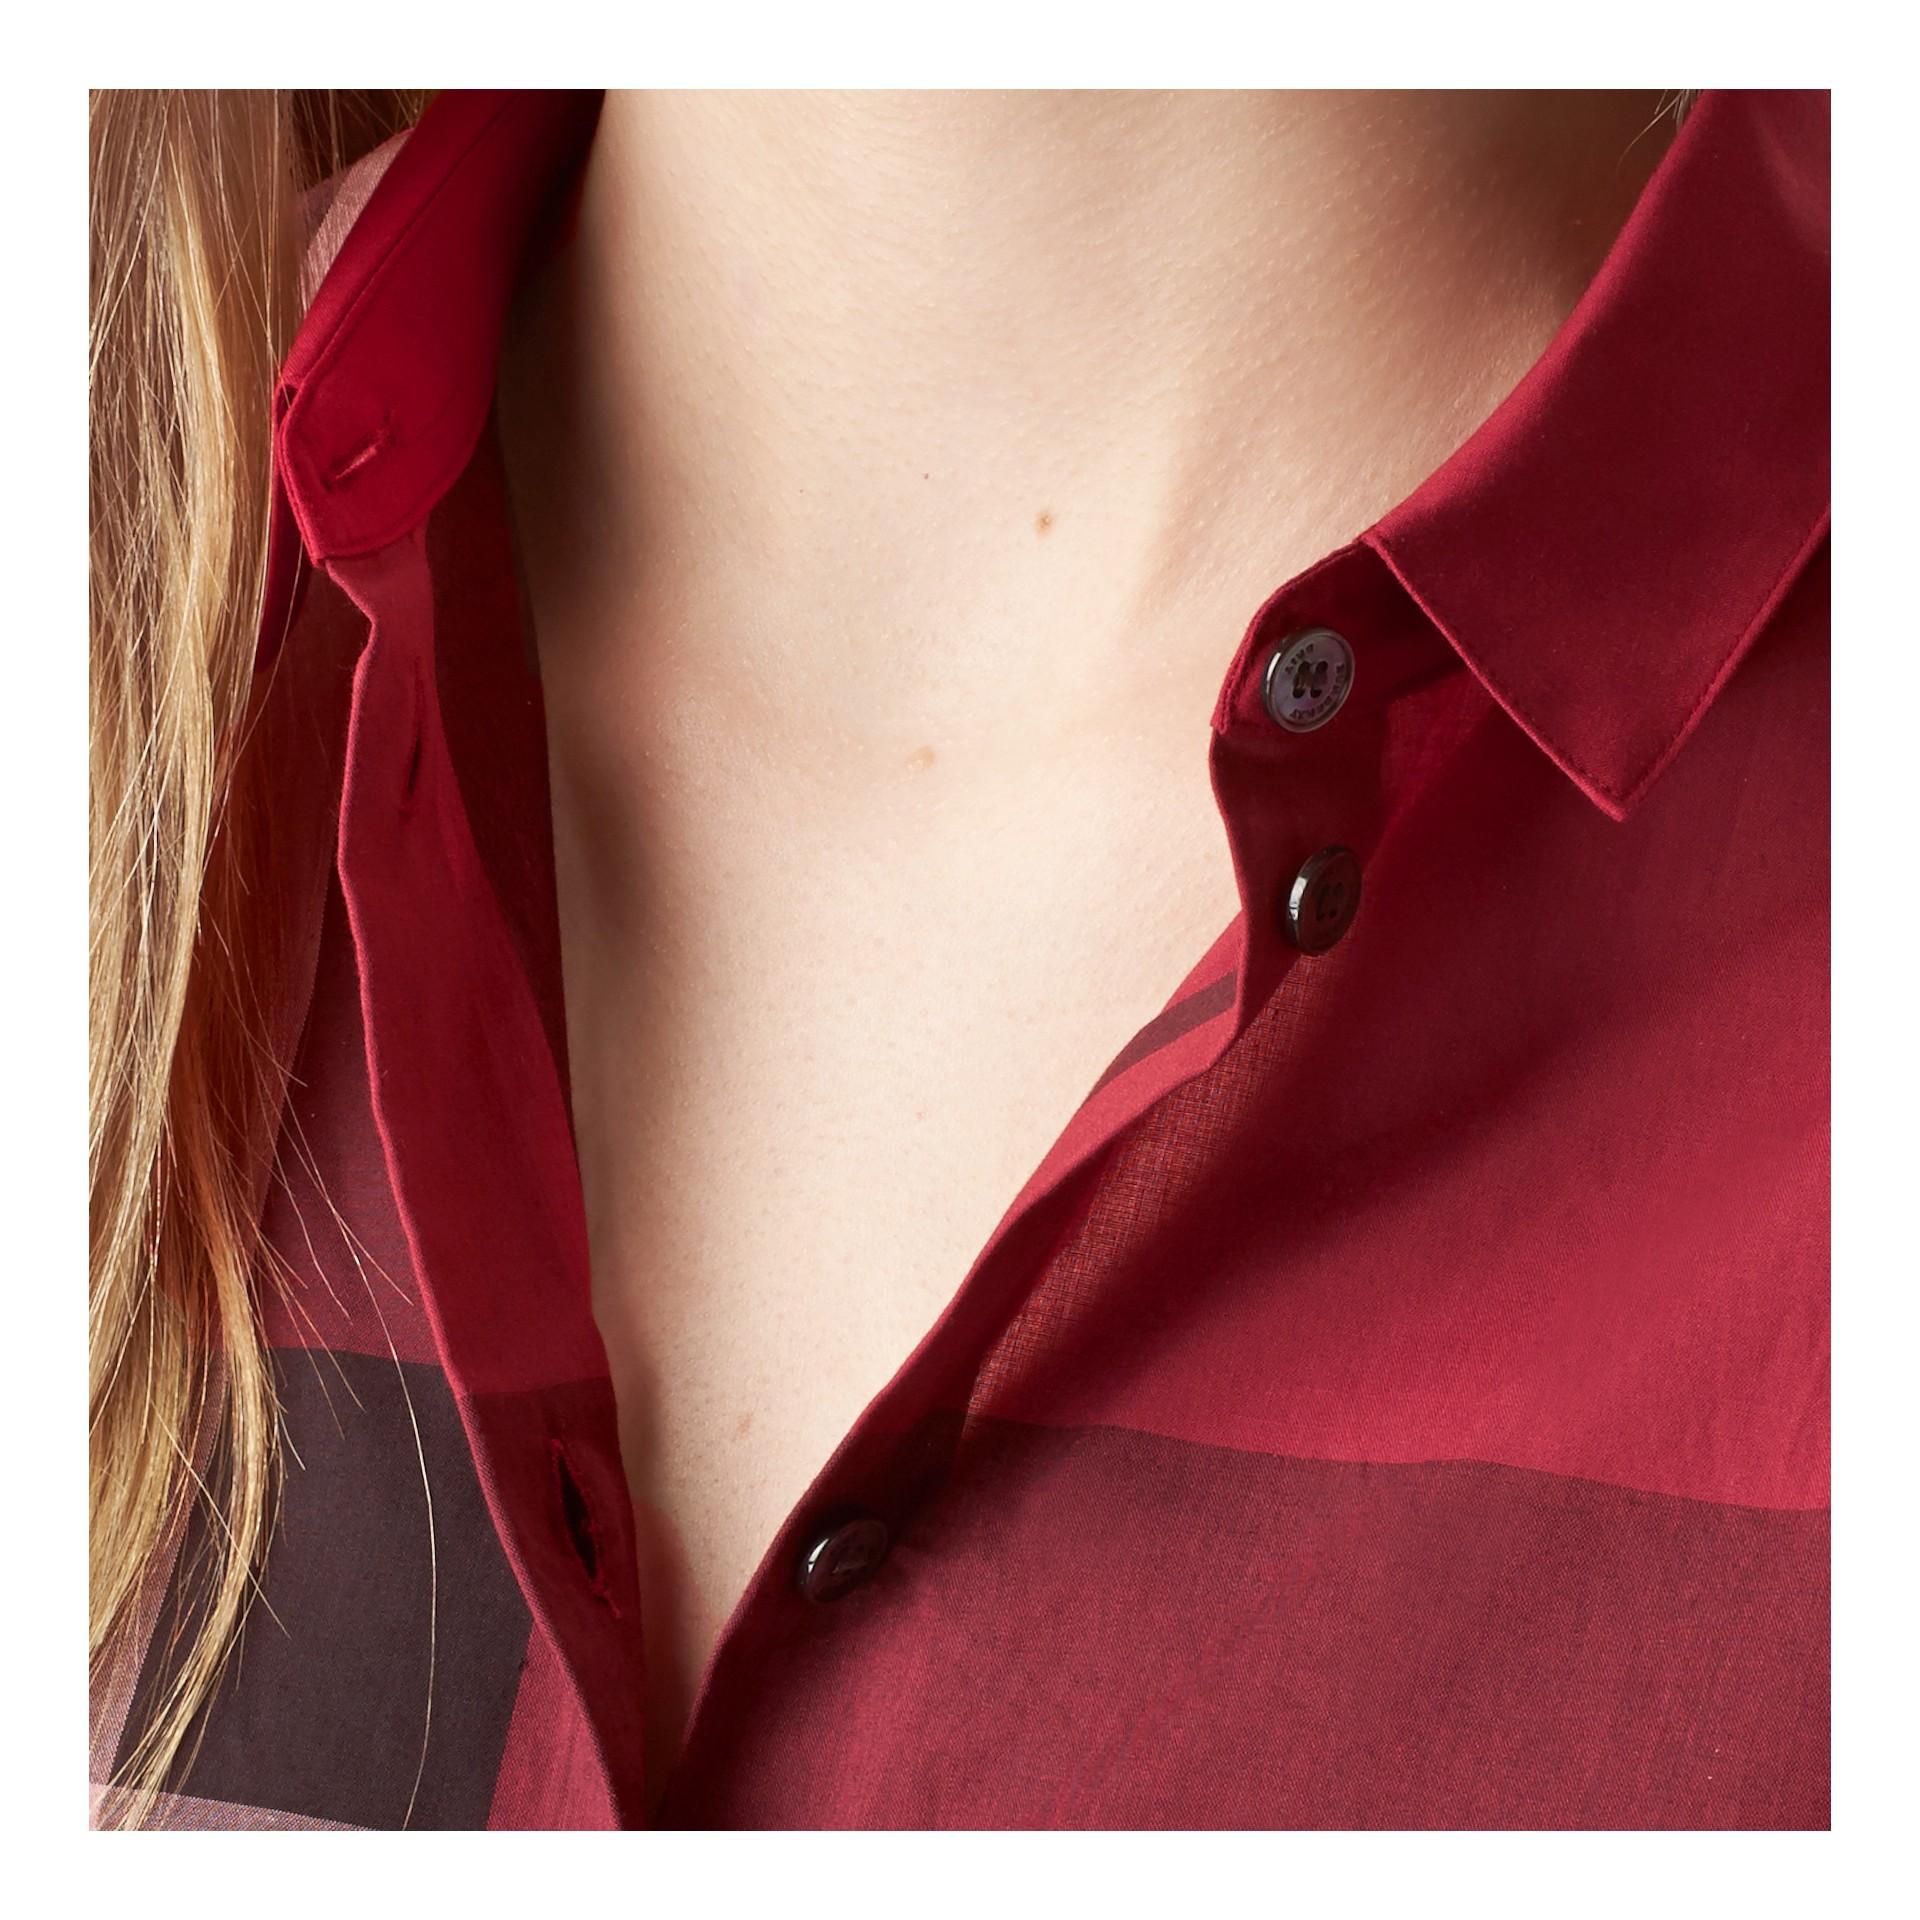 Красная ягода Рубашка из хлопка в клетку Красная Ягода - изображение 2